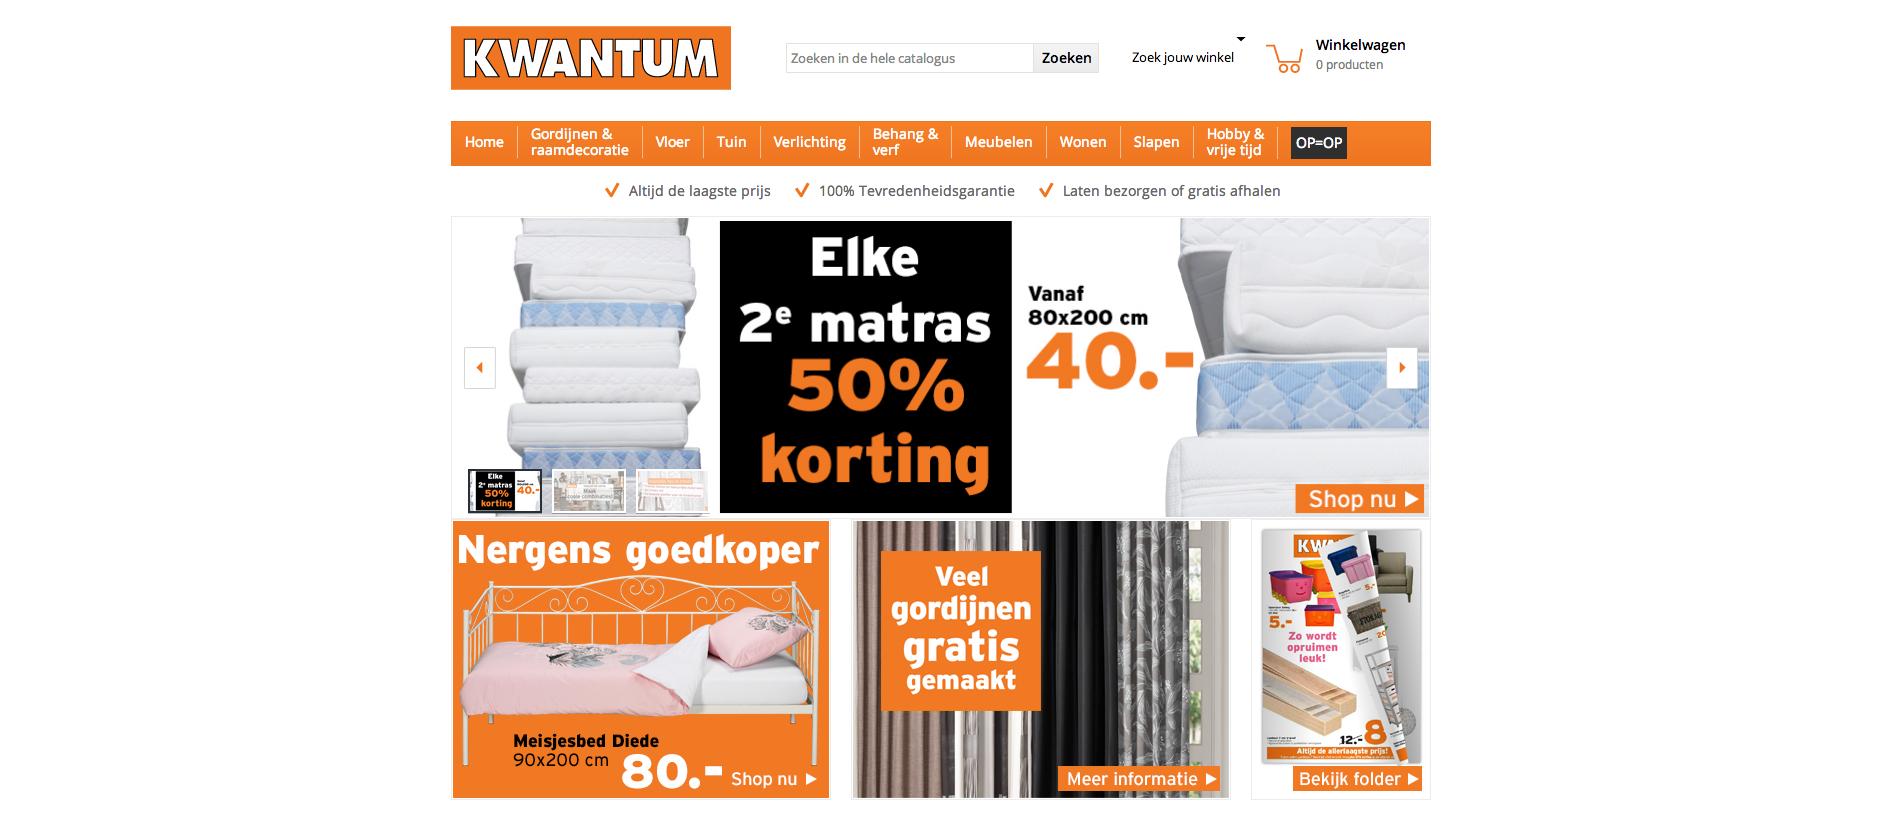 KWANTUM - Deze site verkoopt ook veel meubelen voor een lage prijs.